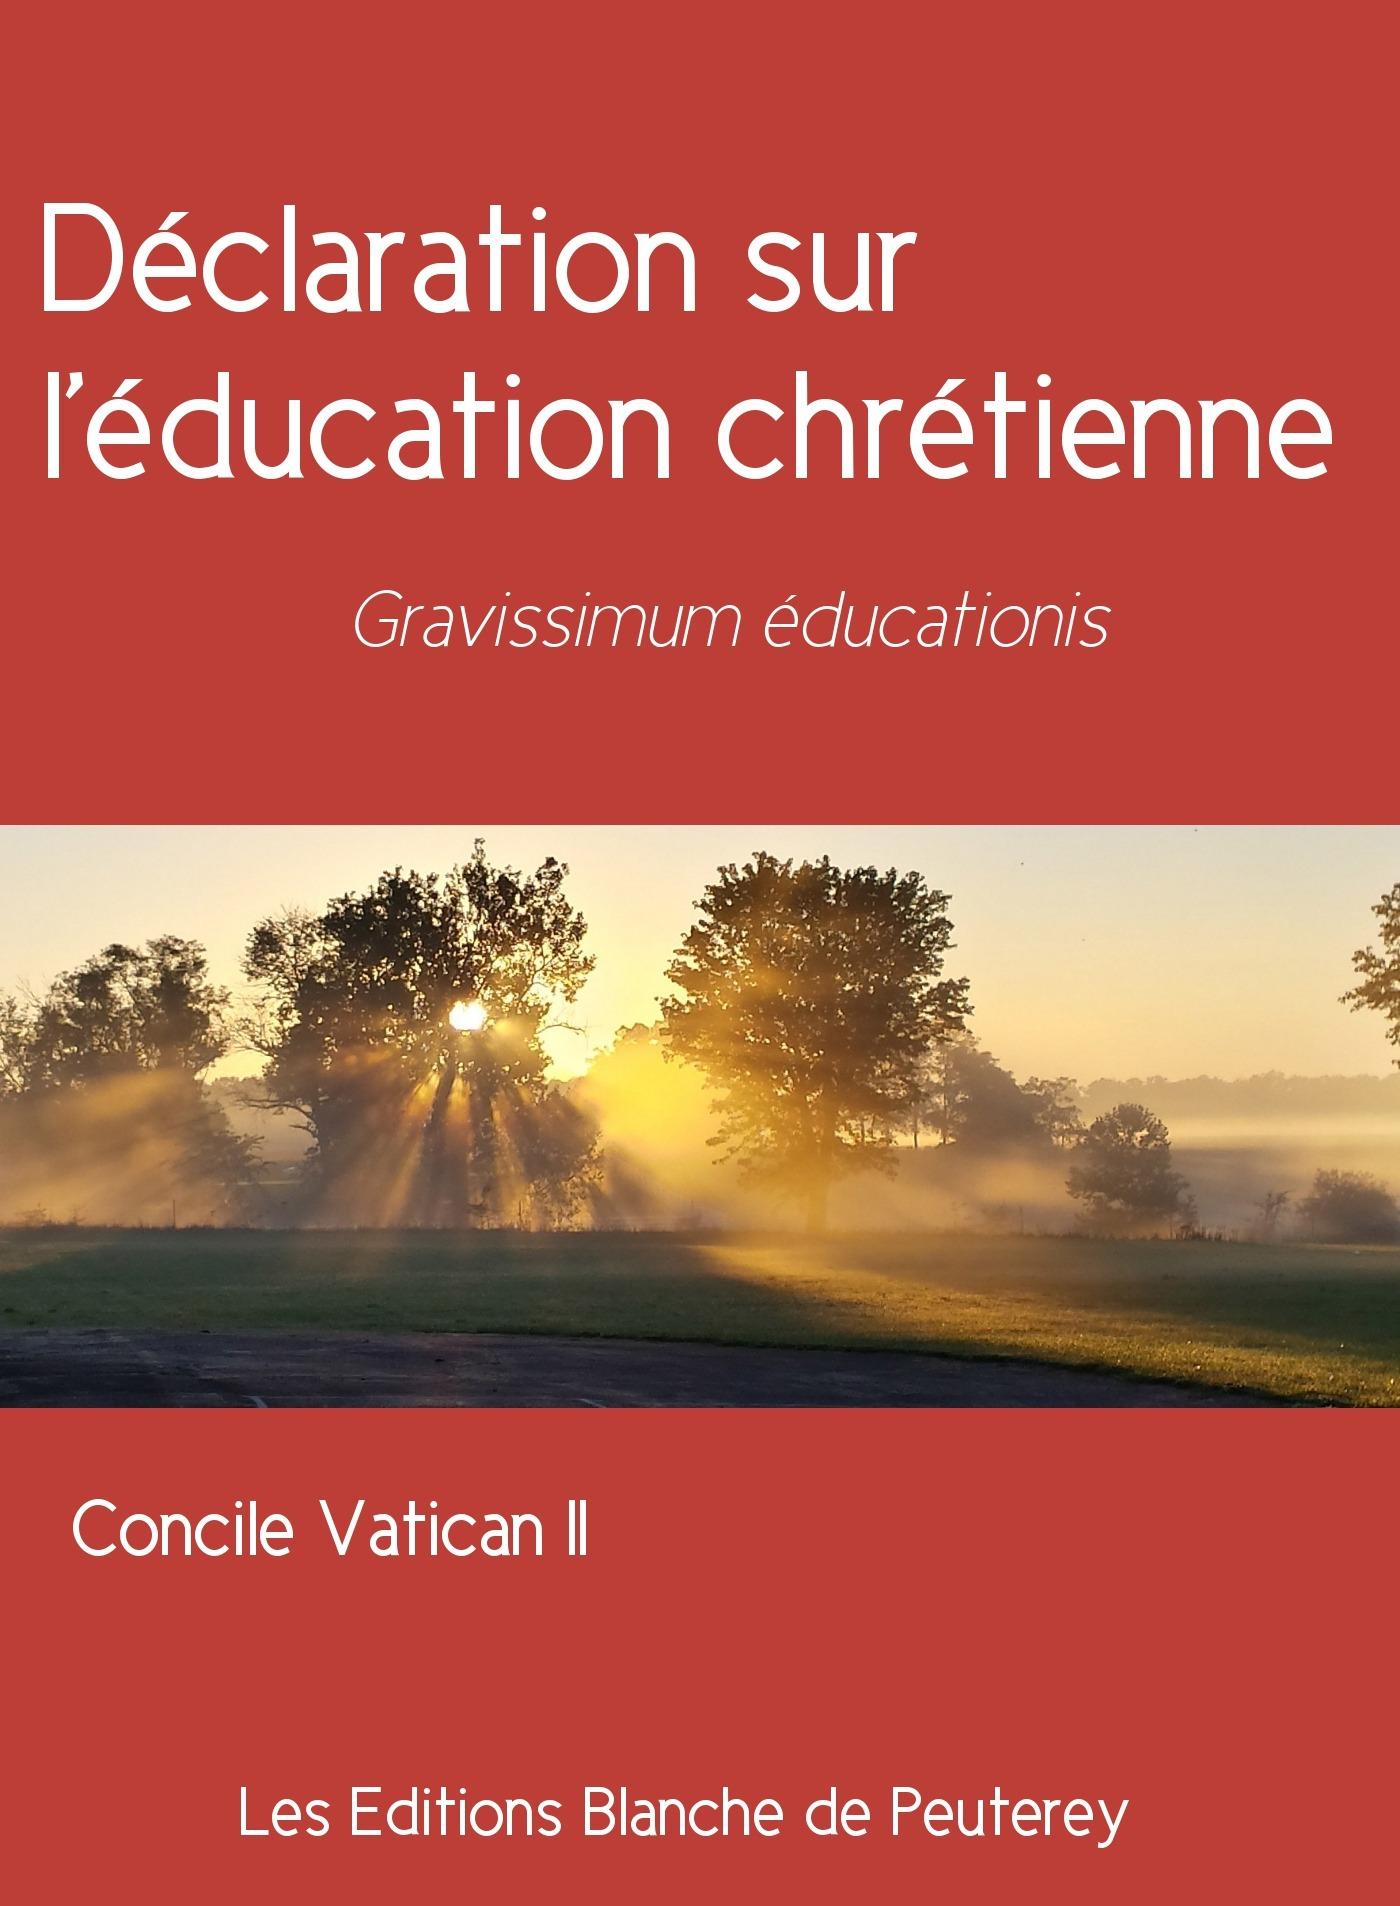 Concile Vatican Ii Déclaration sur l'éducation chrétienne